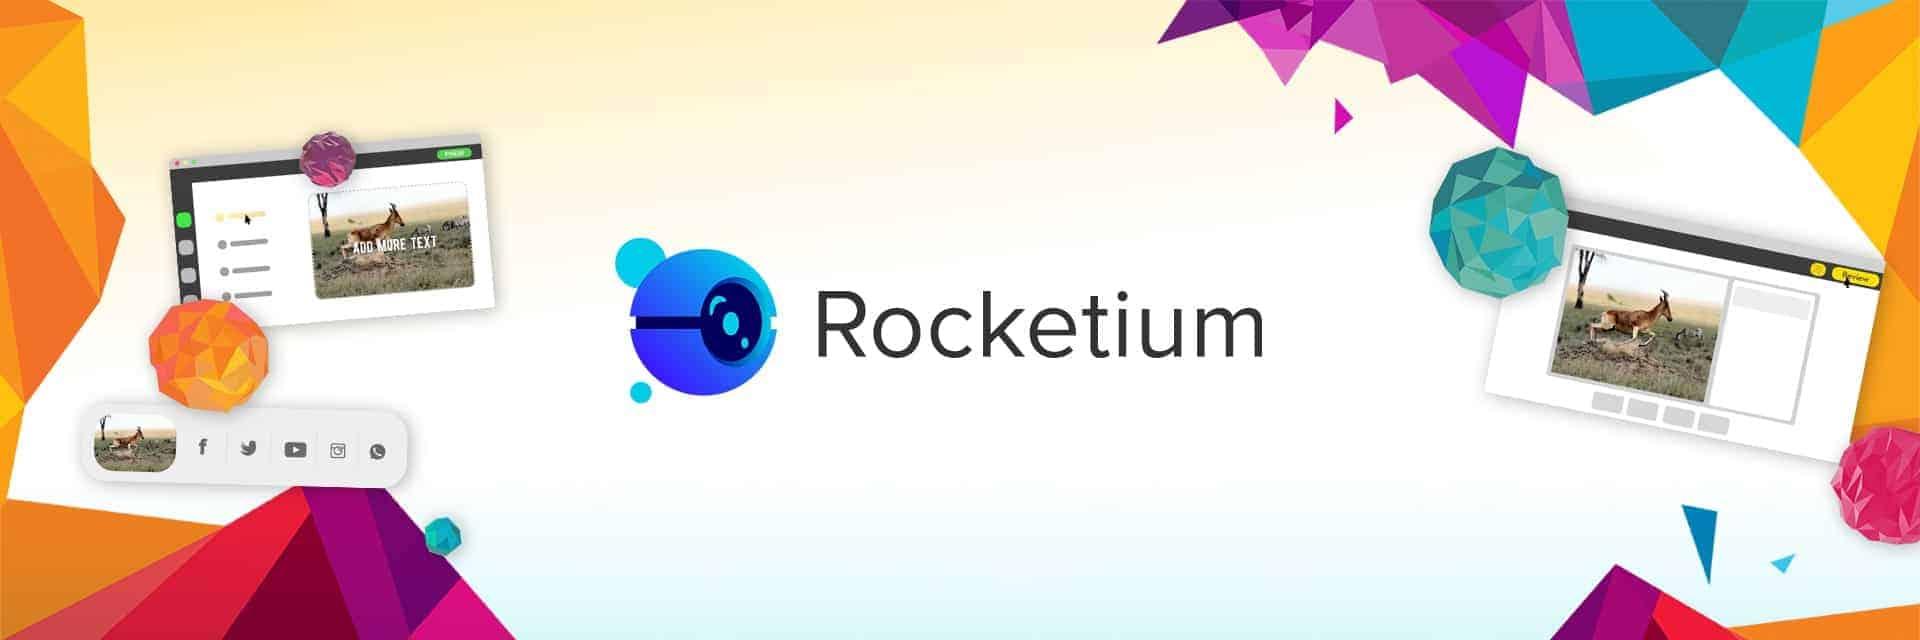 Rocketium-banner